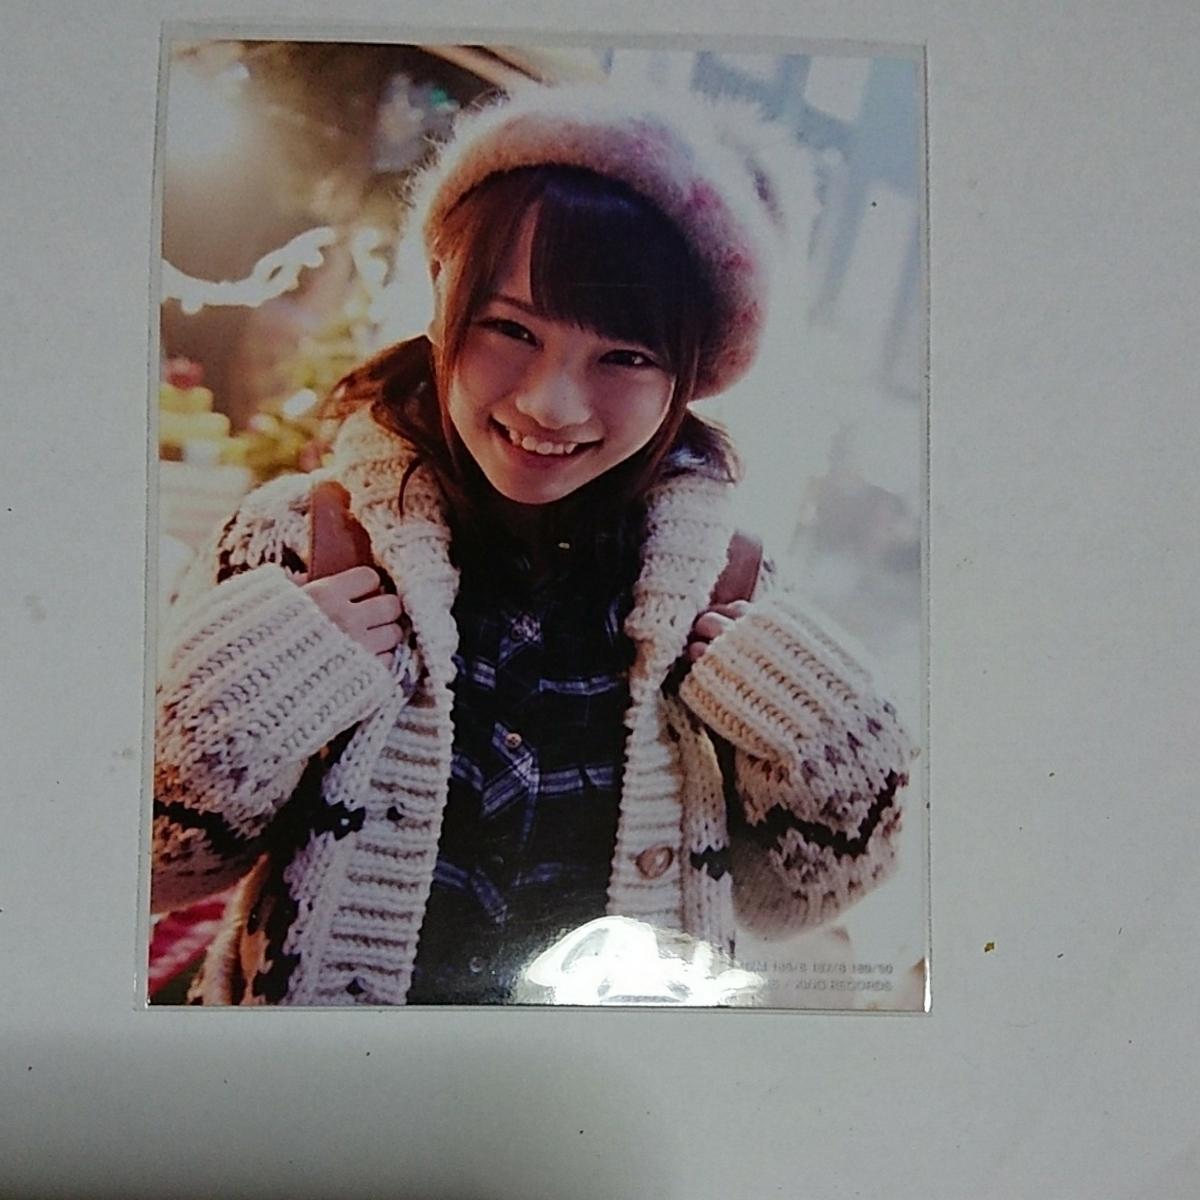 AKBグループ生写真●川栄李奈コレクション 24 永遠プレッシャー 2012年